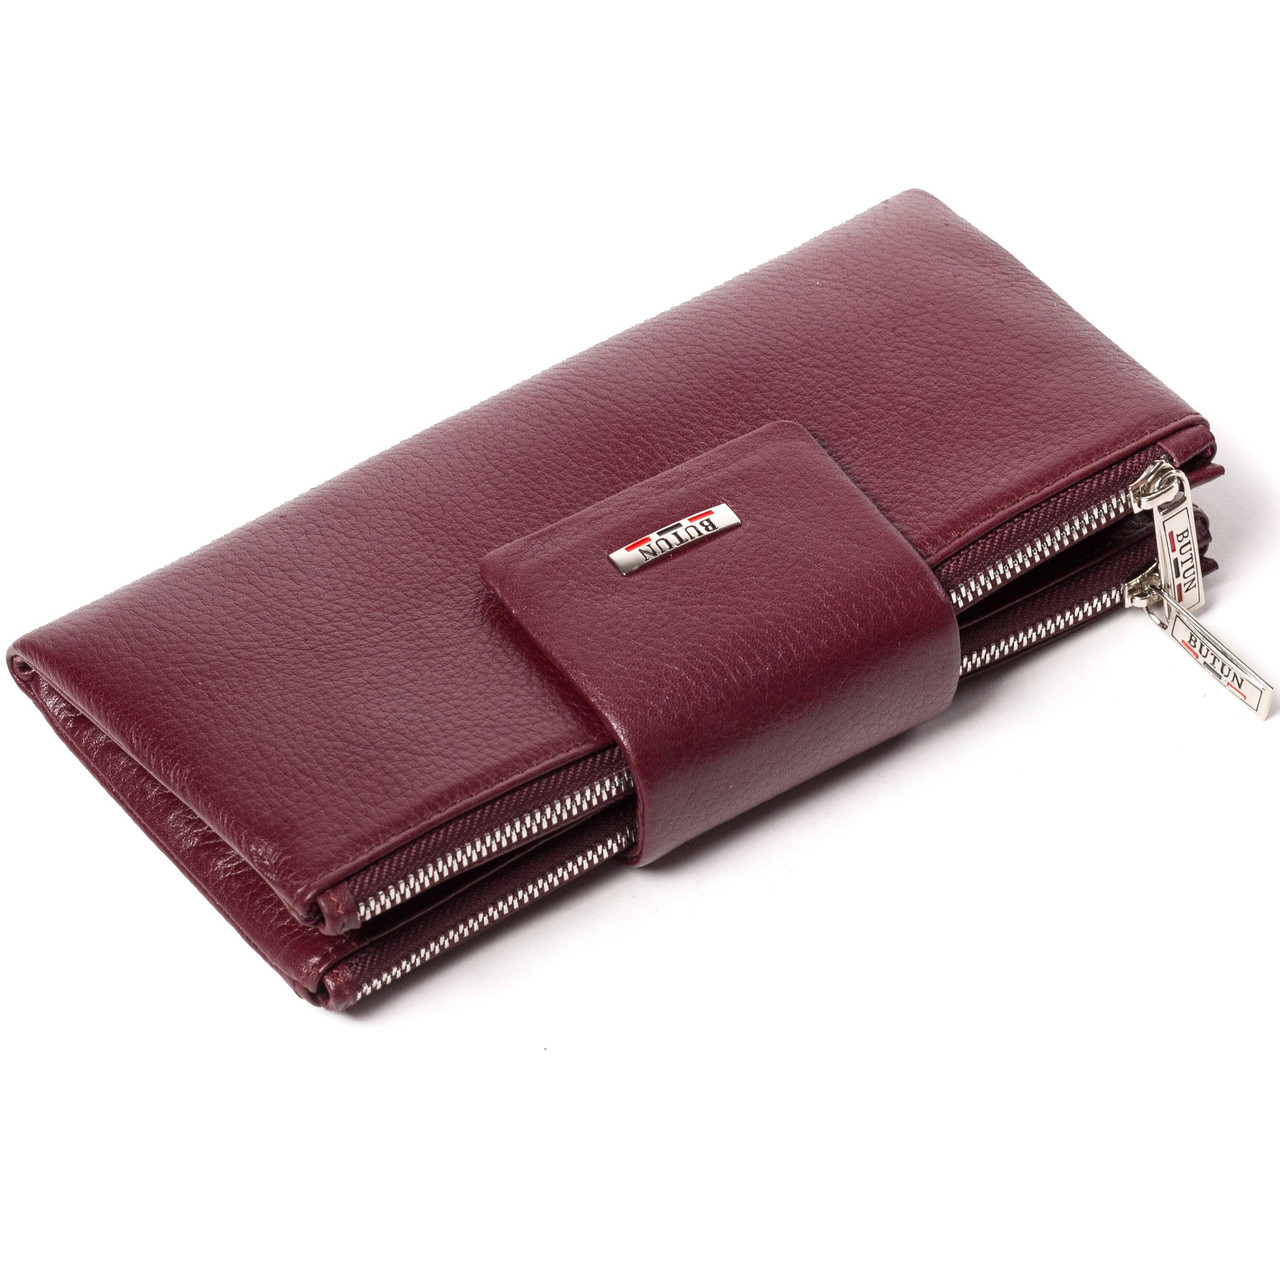 Большой женский кошелек BUTUN 507-004-002 кожаный бордовый